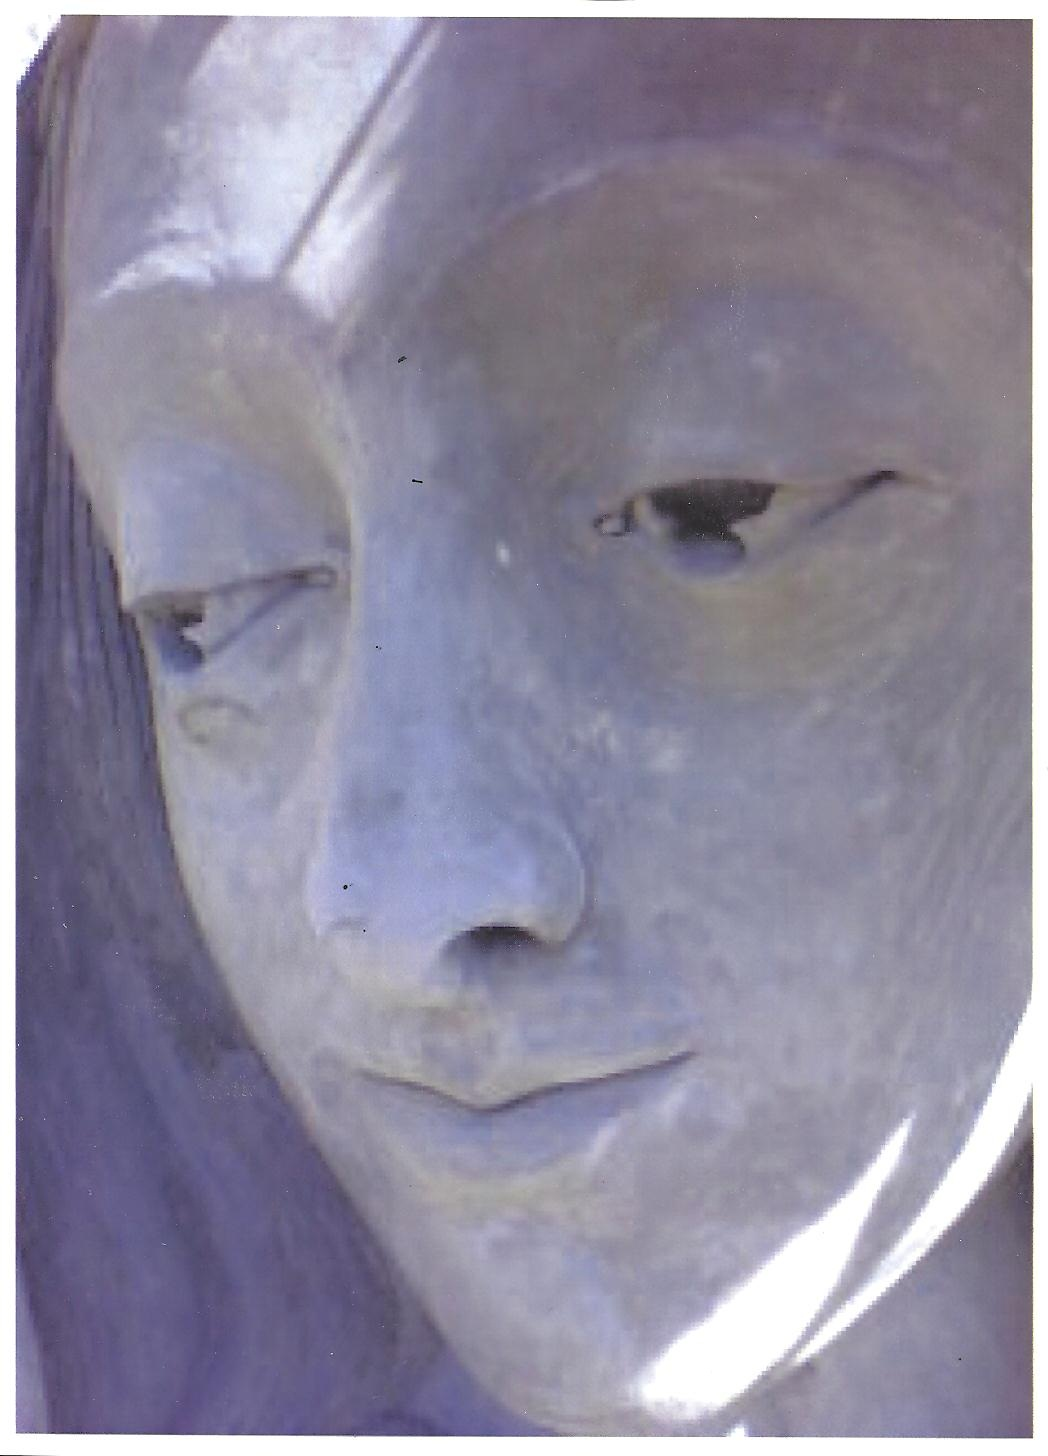 Imagen: http://escultormiguelvargasmartinez.blogspot.mx/